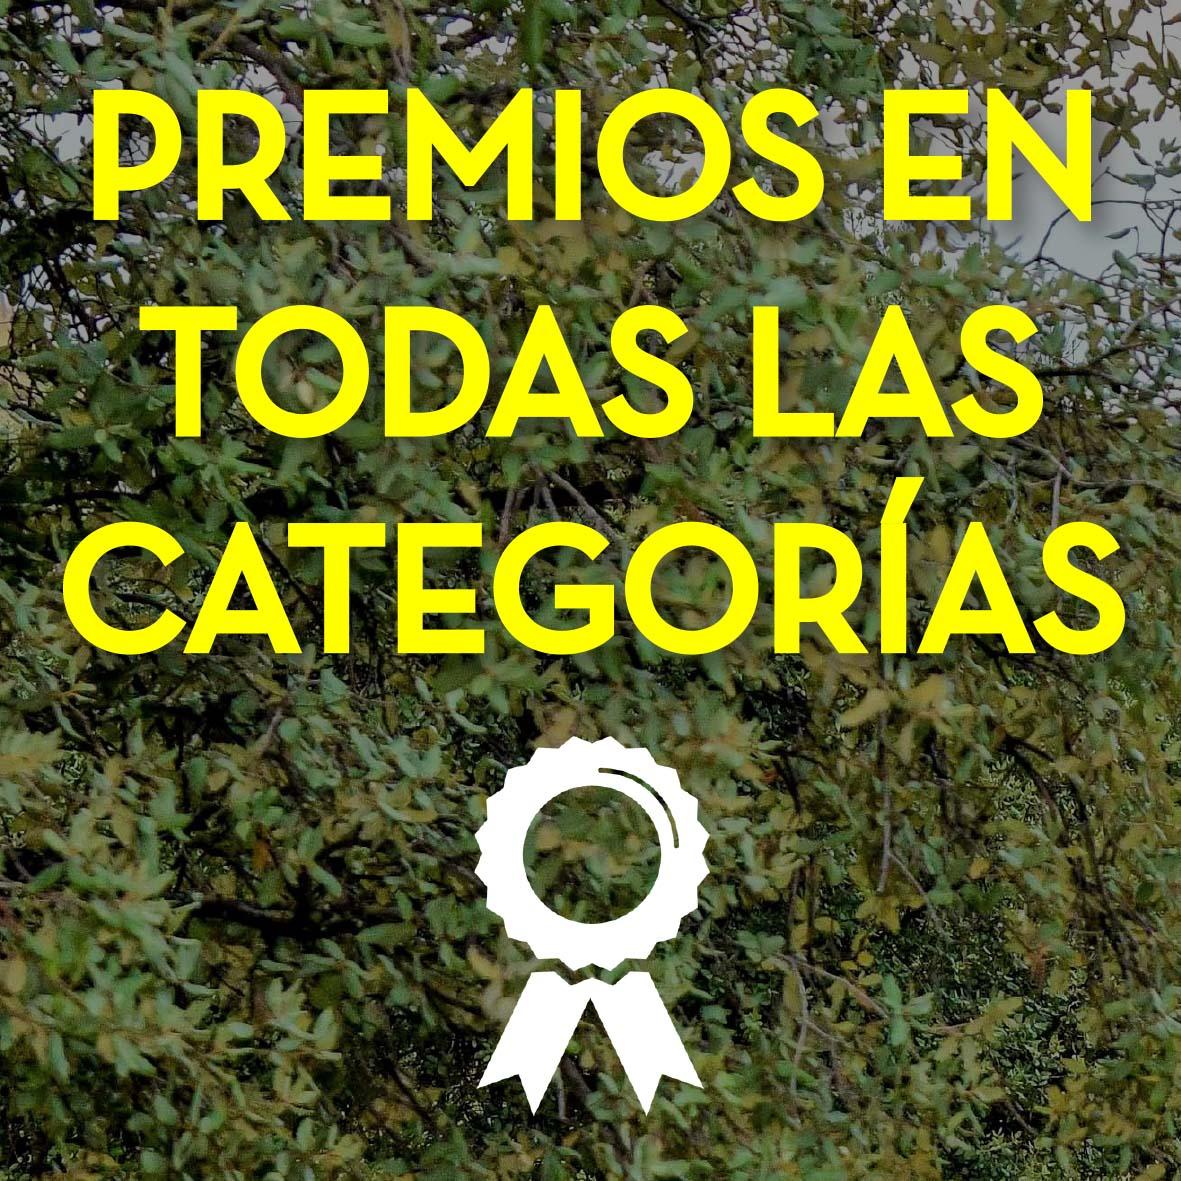 Premios en todas las categorías